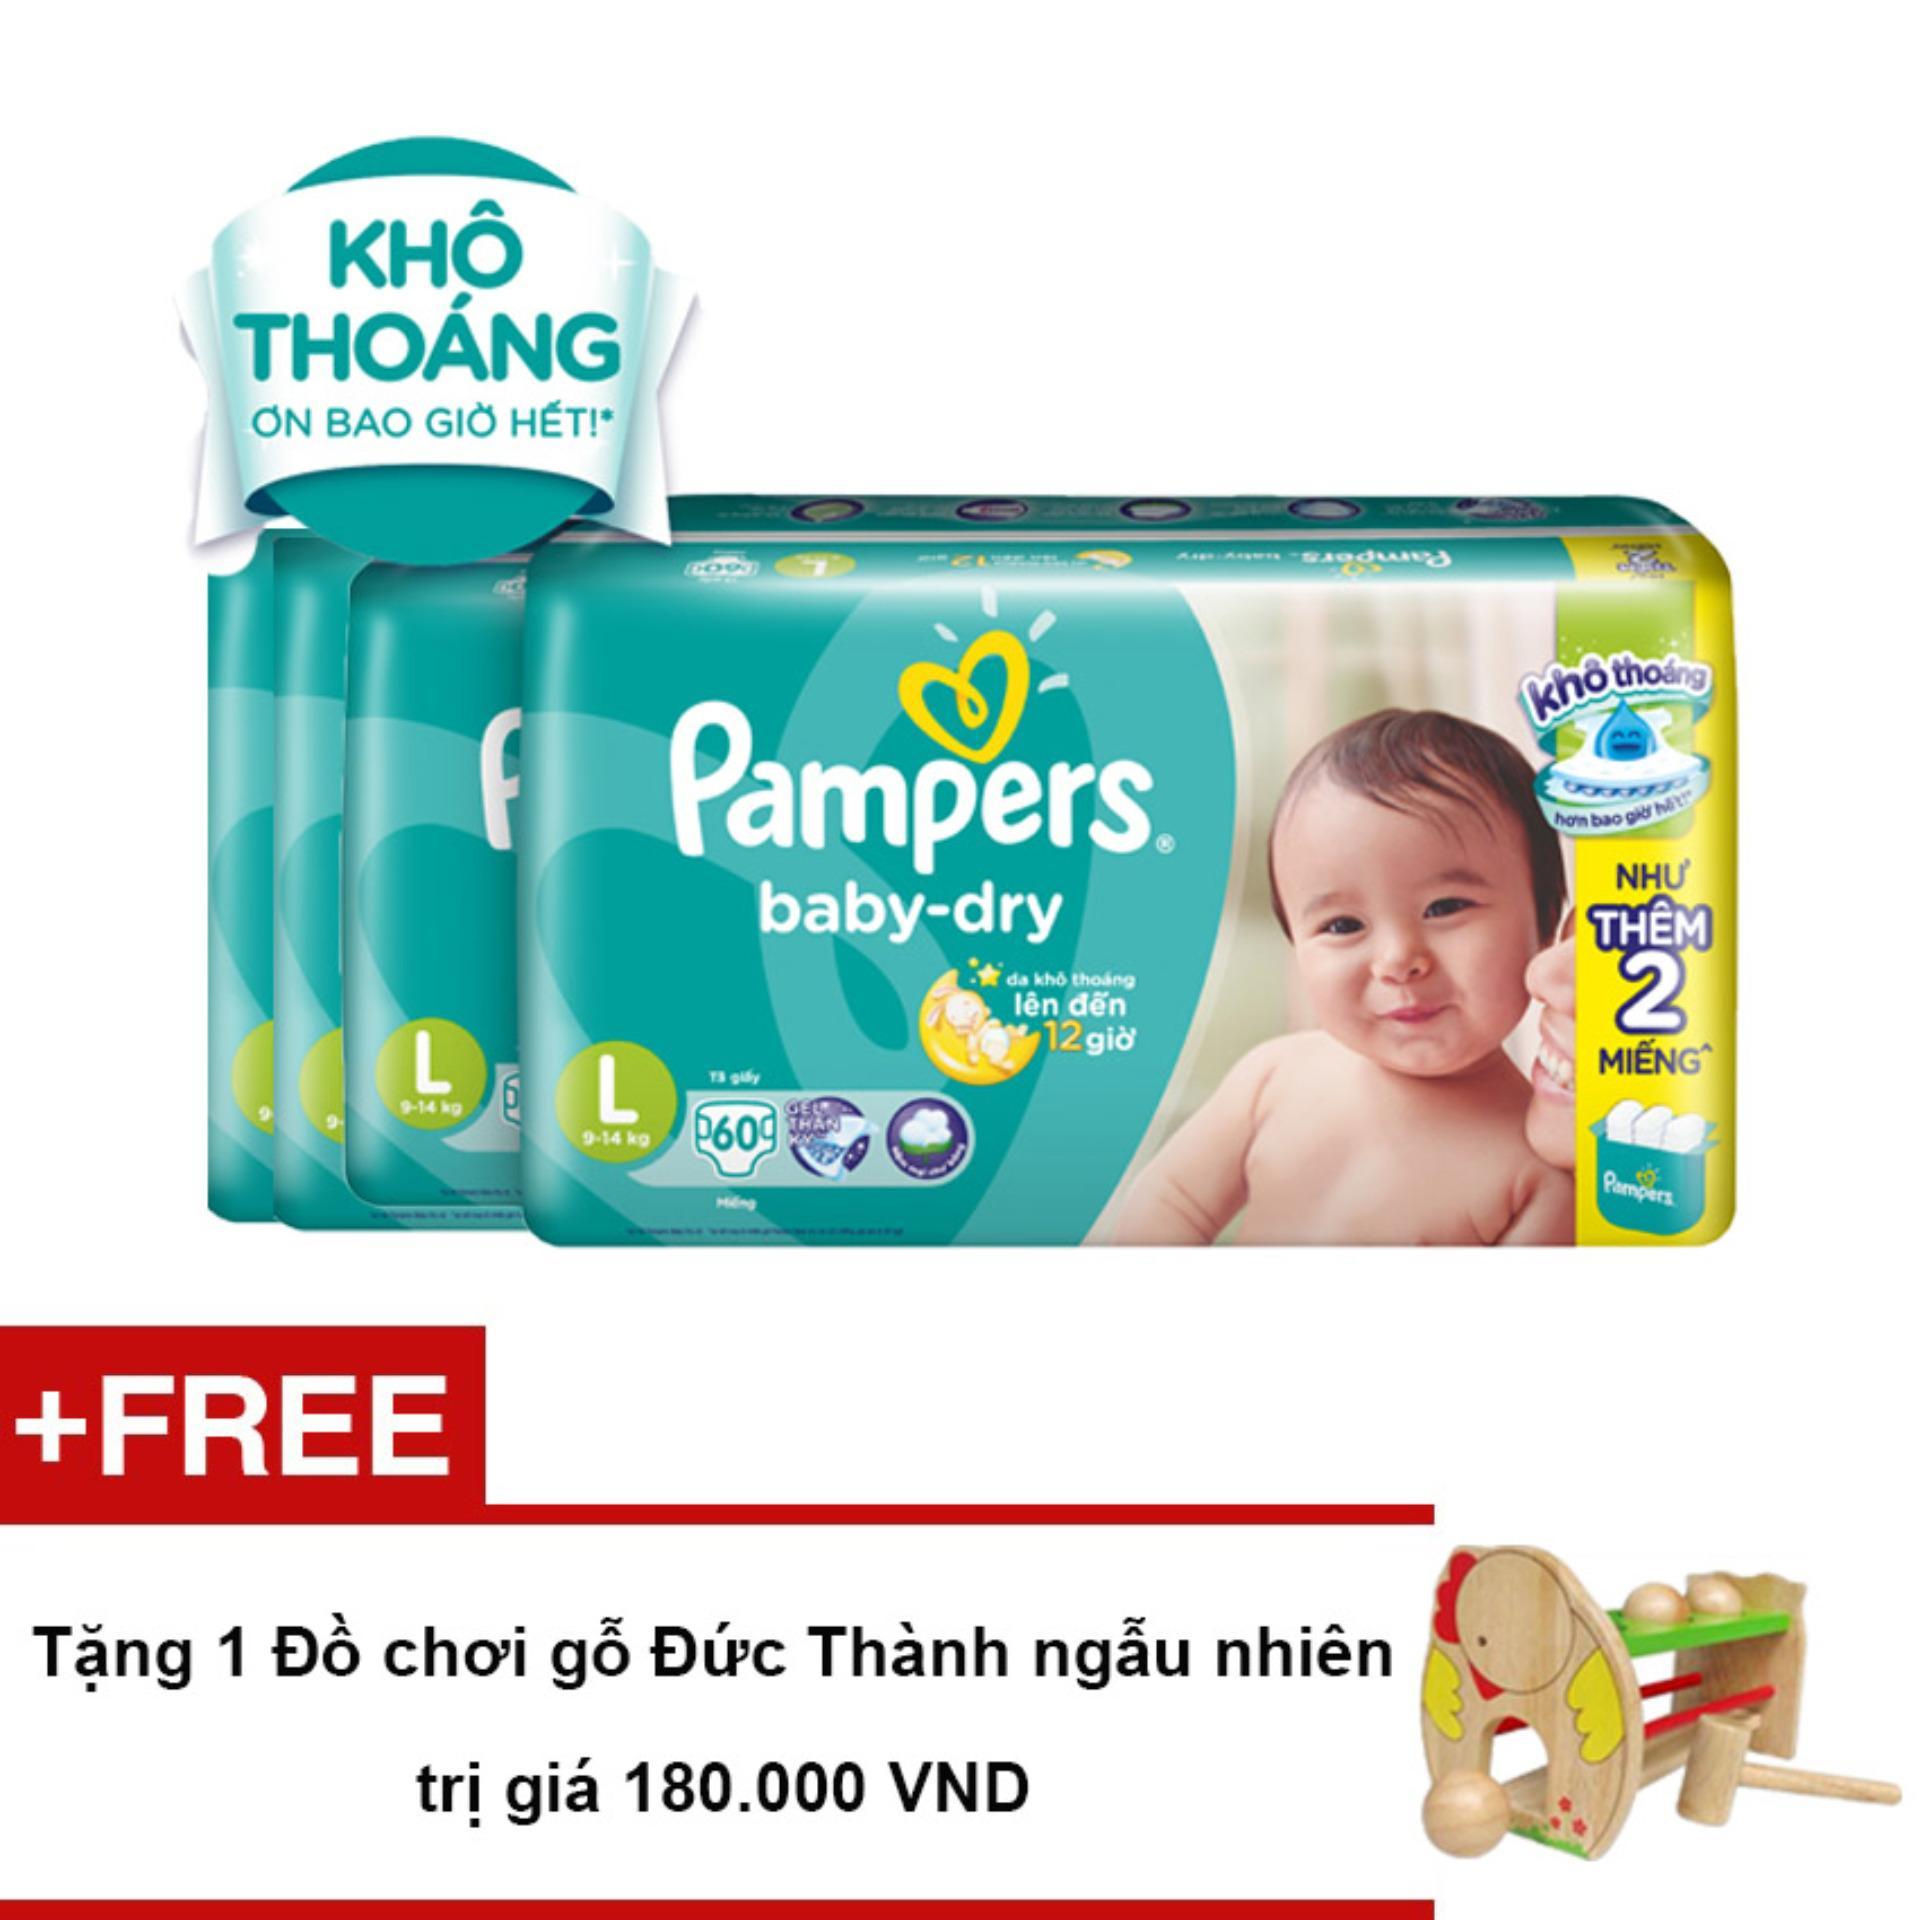 Bộ 4 gói Tã Dán Pampers Baby Dry size L 60 miếng - Tặng 1 Đồ chơi gỗ Đức Thành ngẫu nhiên trị giá 180.000 VND